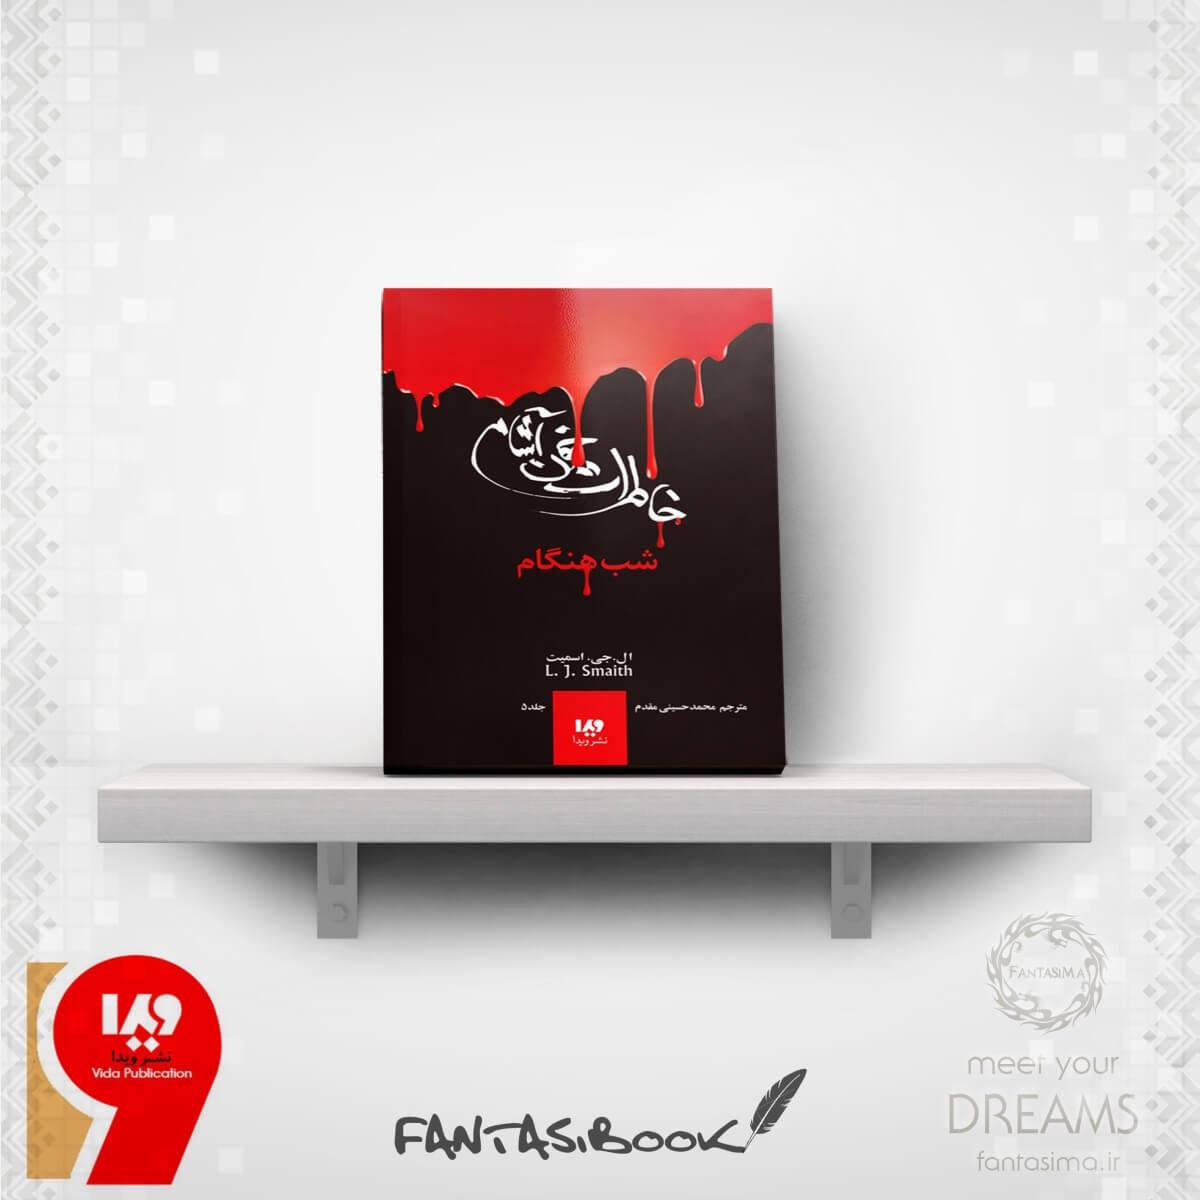 کتاب خاطرات خون آشام - جلد 5 - شب هنگام